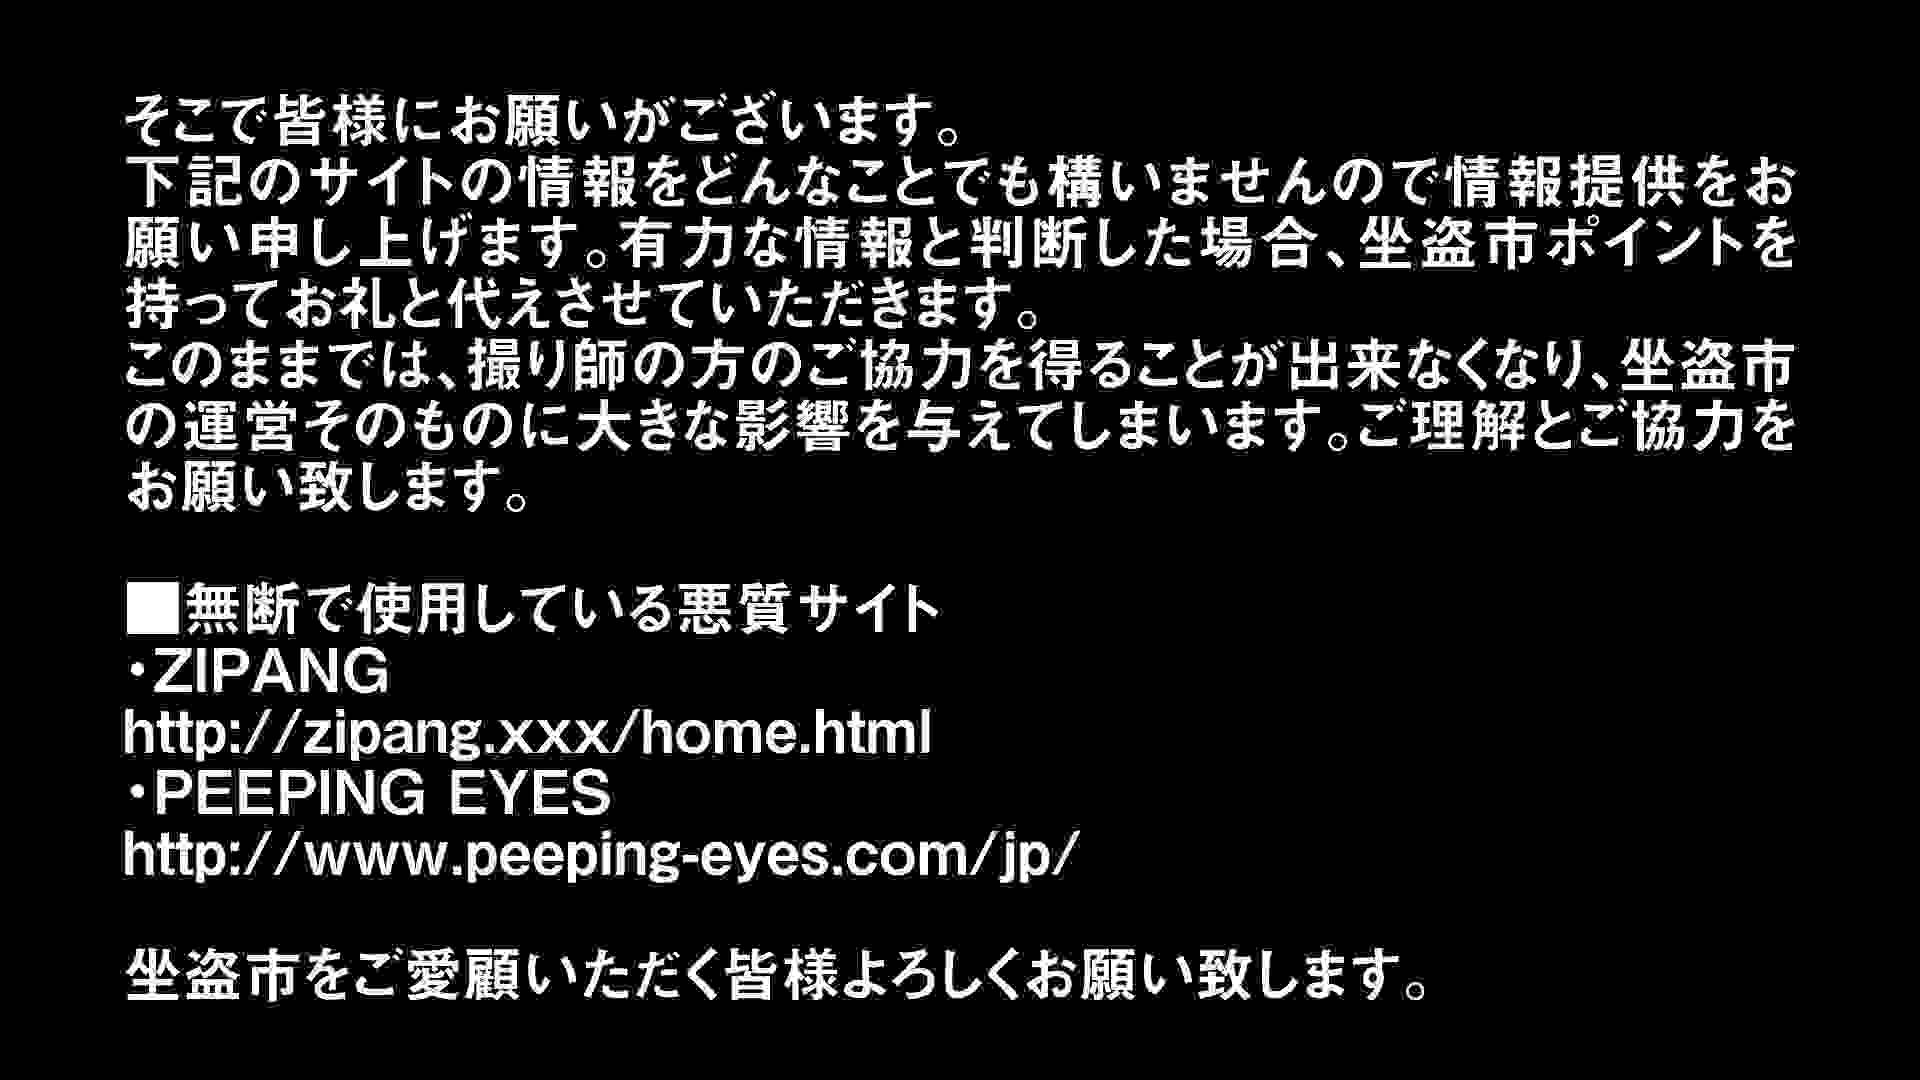 Aquaな露天風呂Vol.299 盗撮シリーズ  82PIX 26